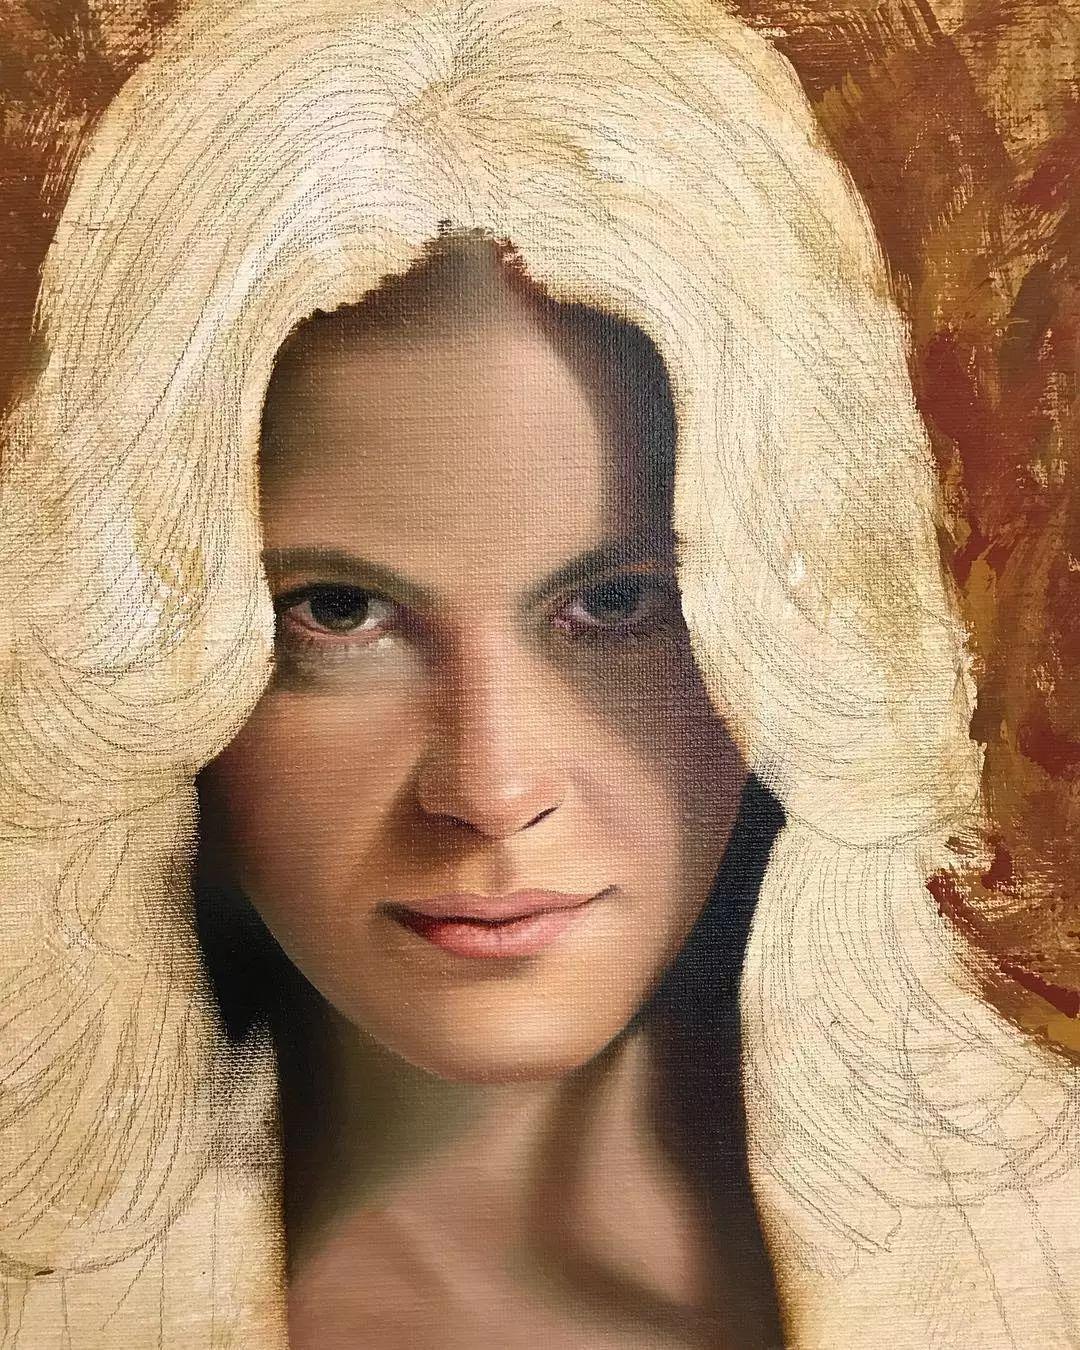 他画的绝色写实女人裸体画,看完面红耳赤!引网友直呼:我可以!插图61